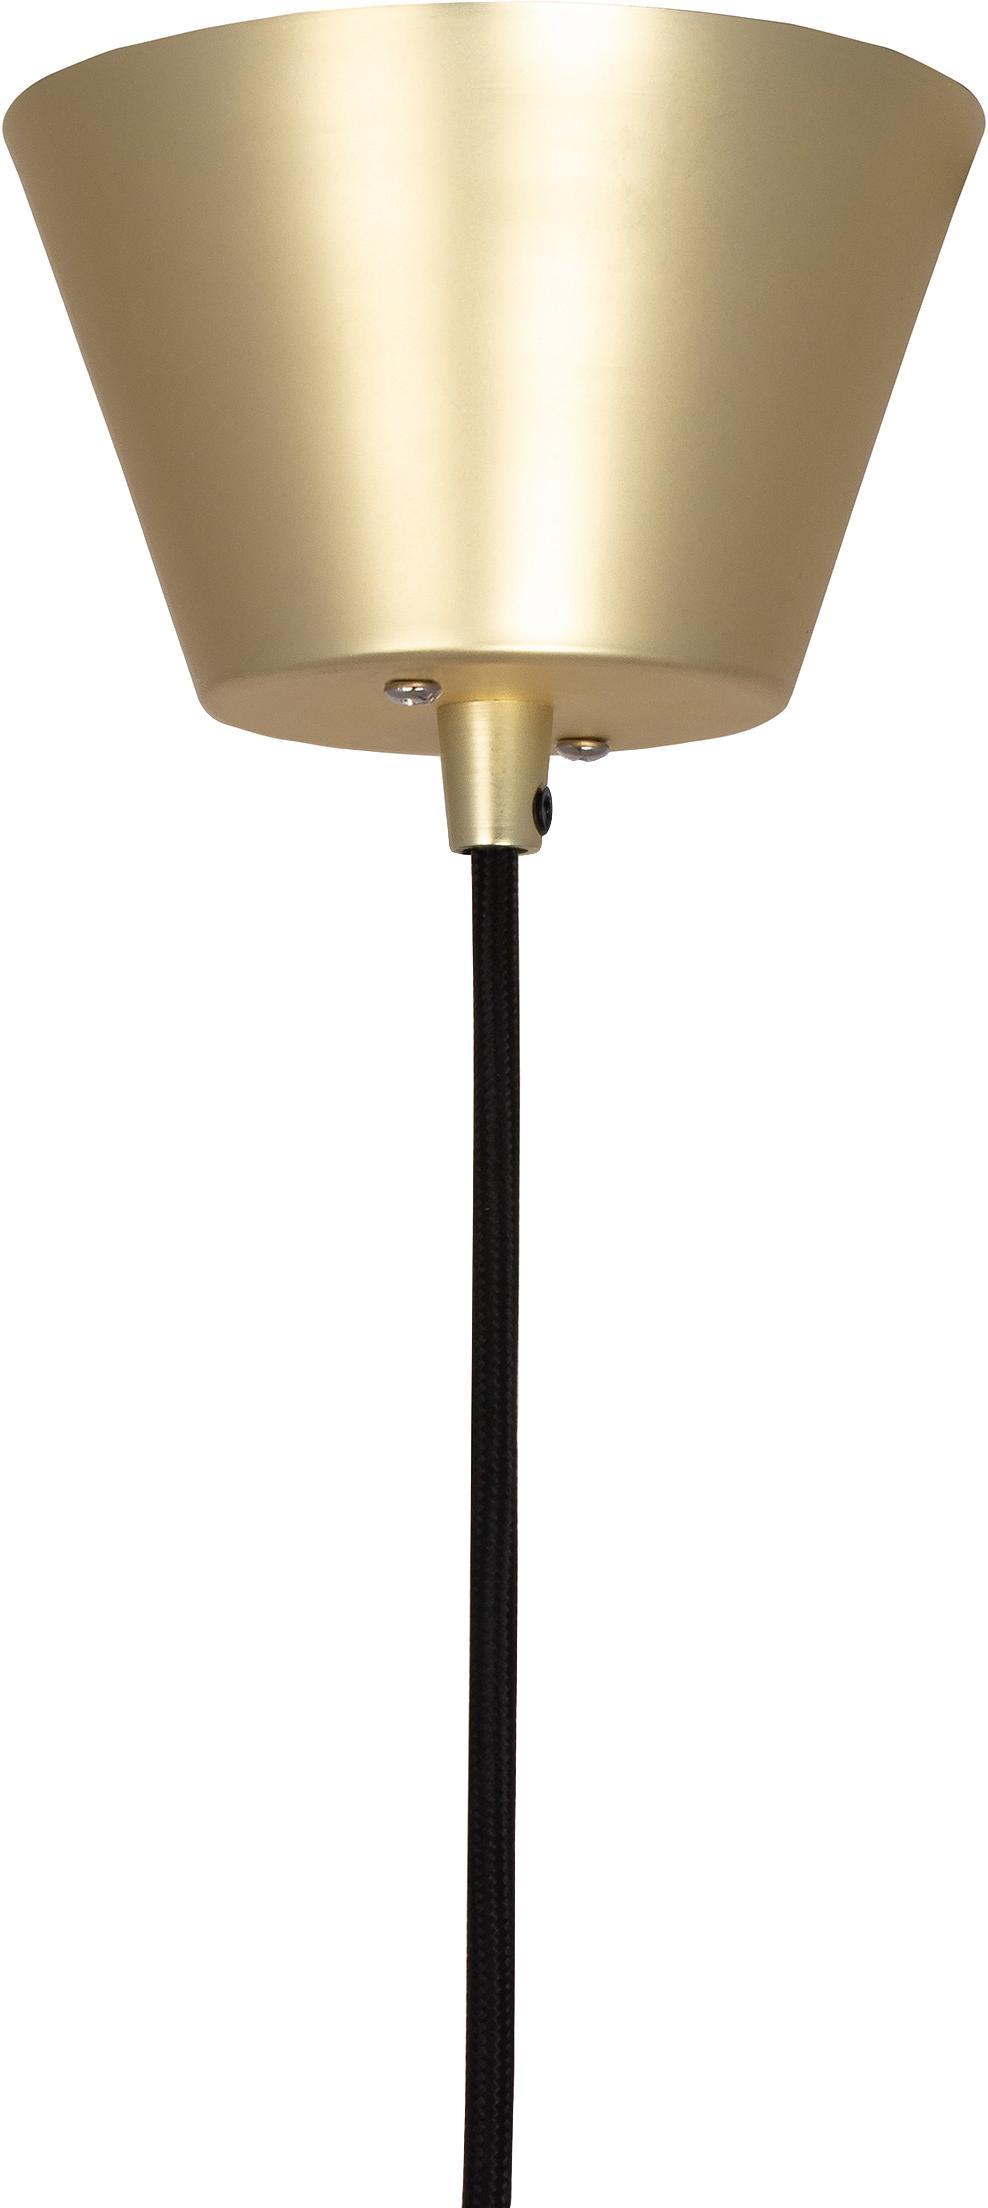 Lampa wisząca Ray, Odcienie mosiądzu, szczotkowany, Ø 45 x W 25 cm